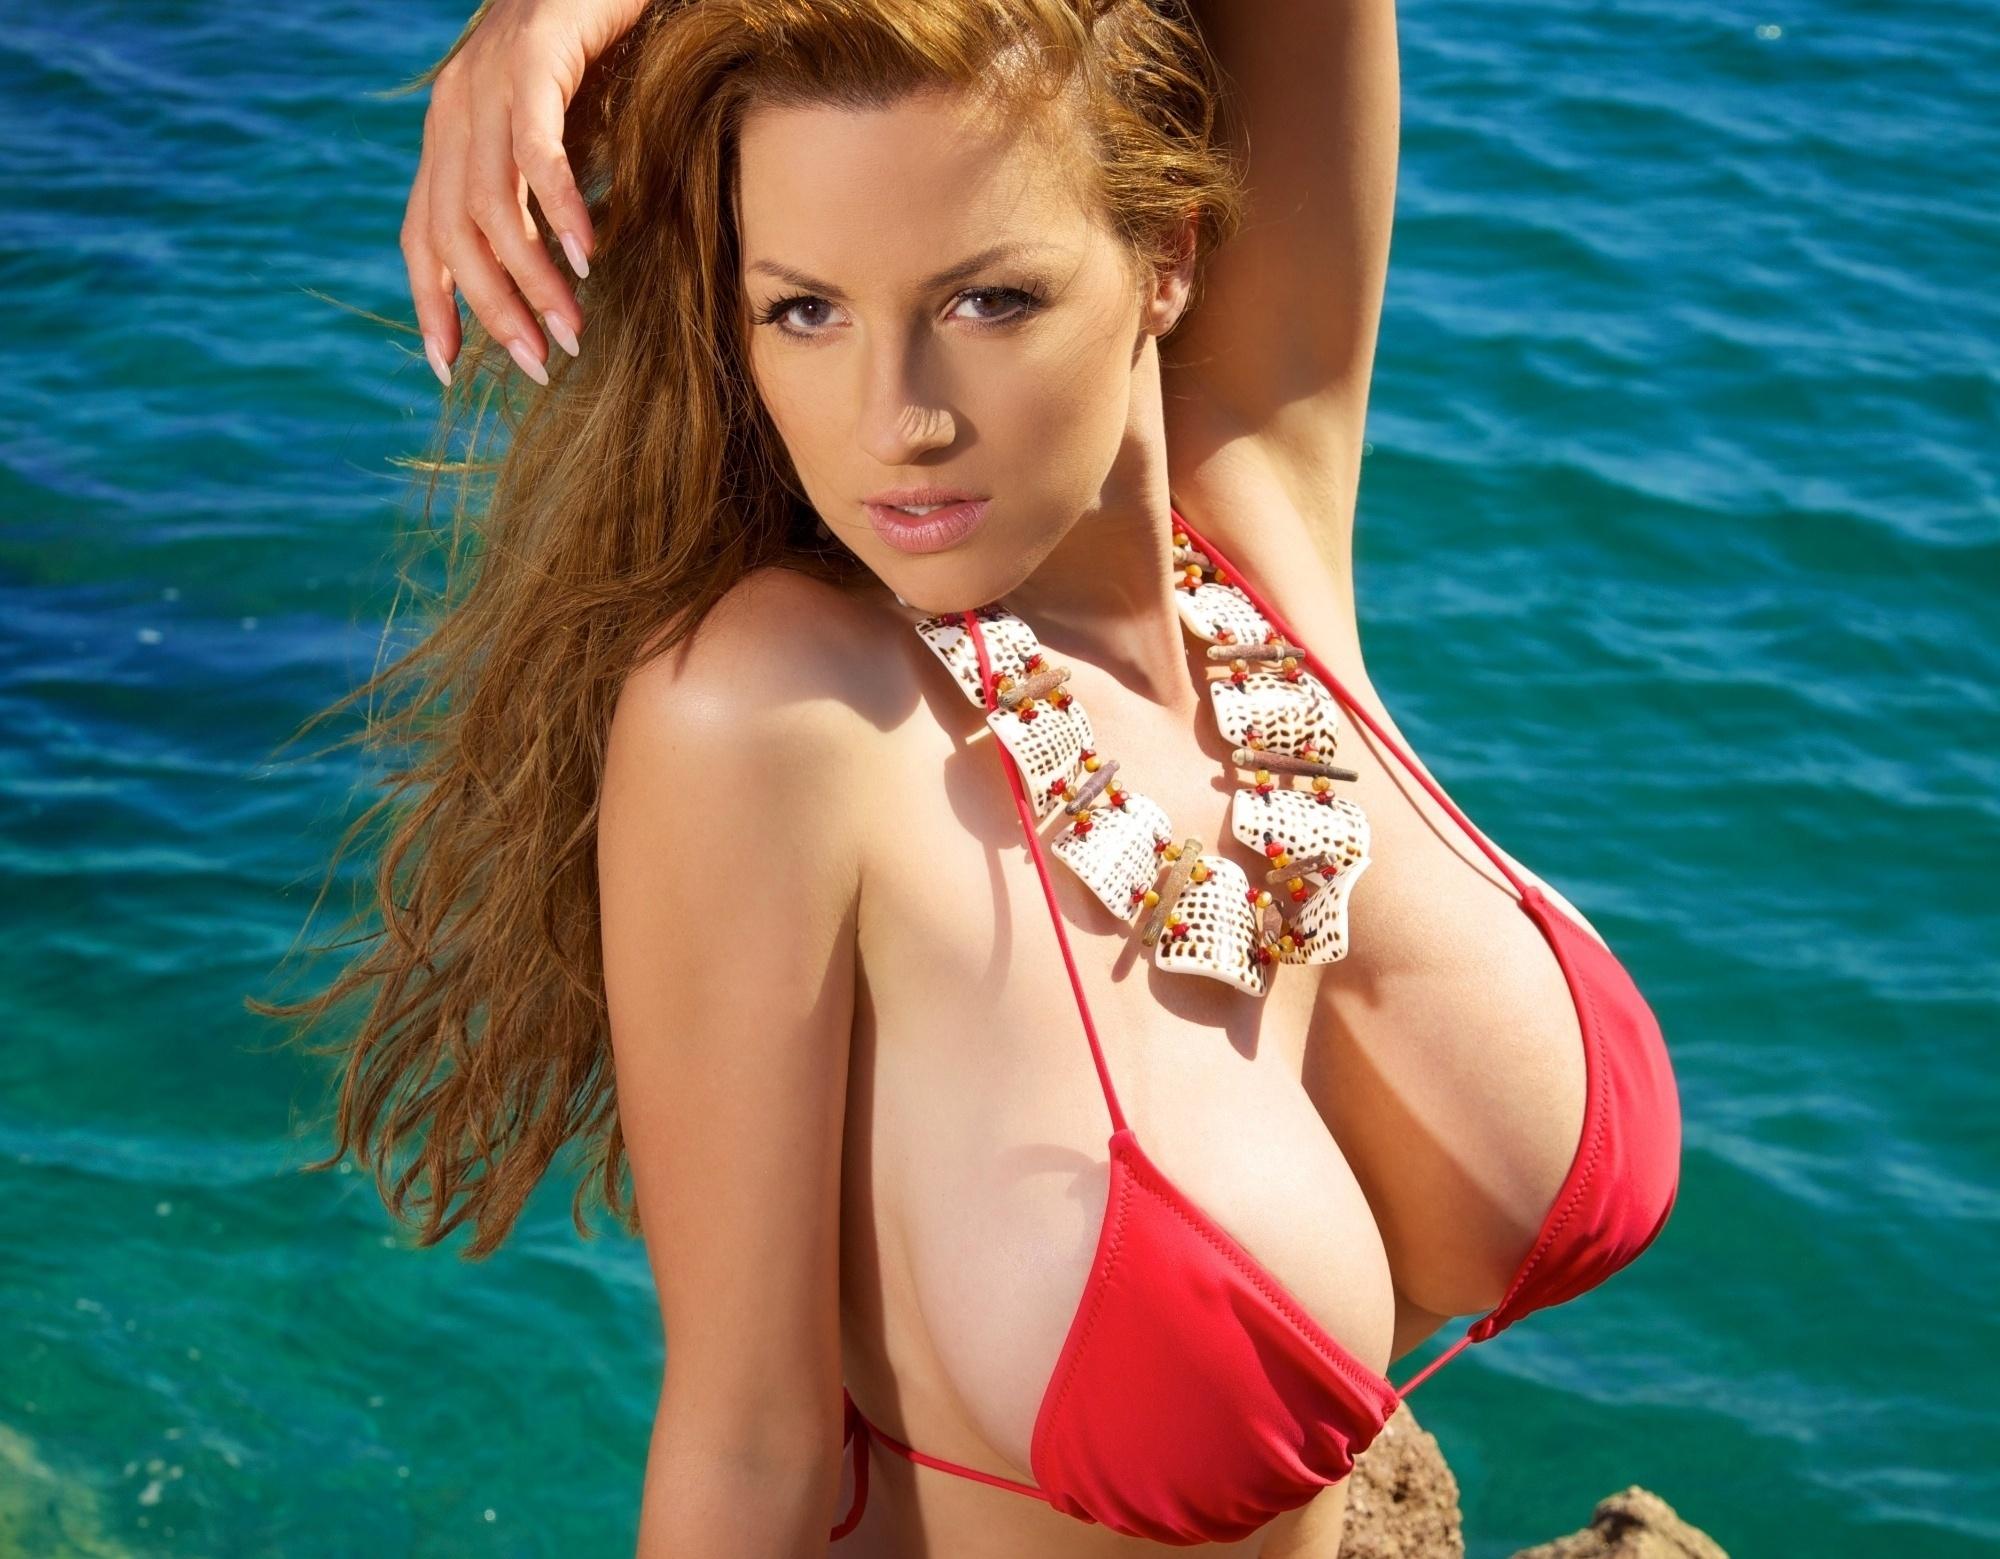 Шатенка с большой грудью 6 фотография